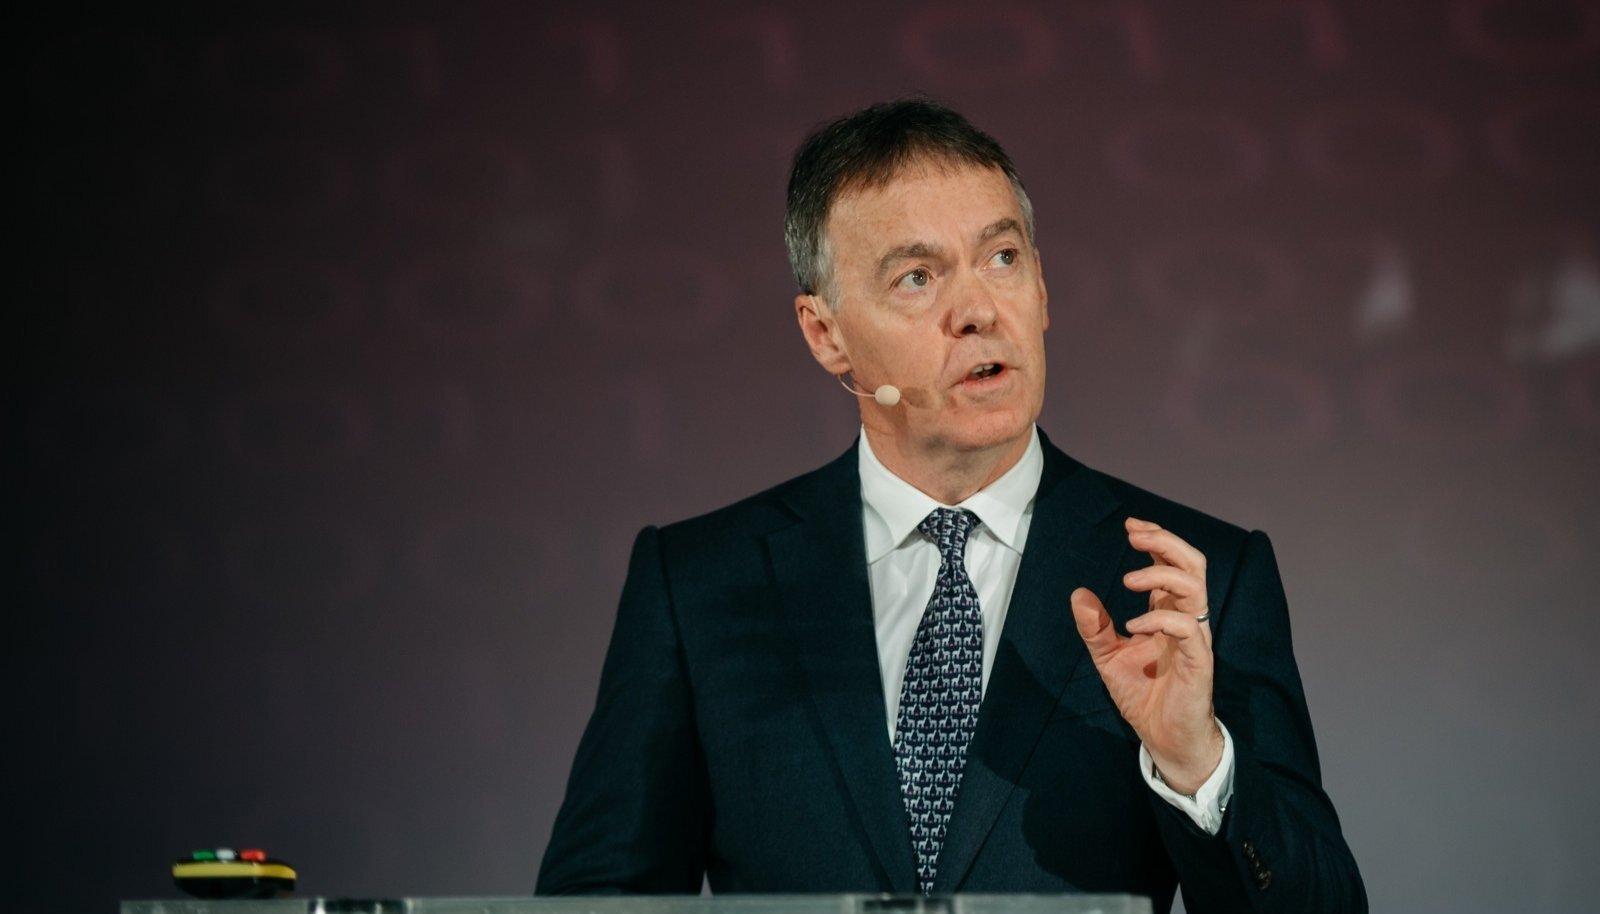 Briti teletootja Sky Groupi juht Jeremy Darroch eile Tallinnas toimunud audiovisuaalturu visioonikonverentsil